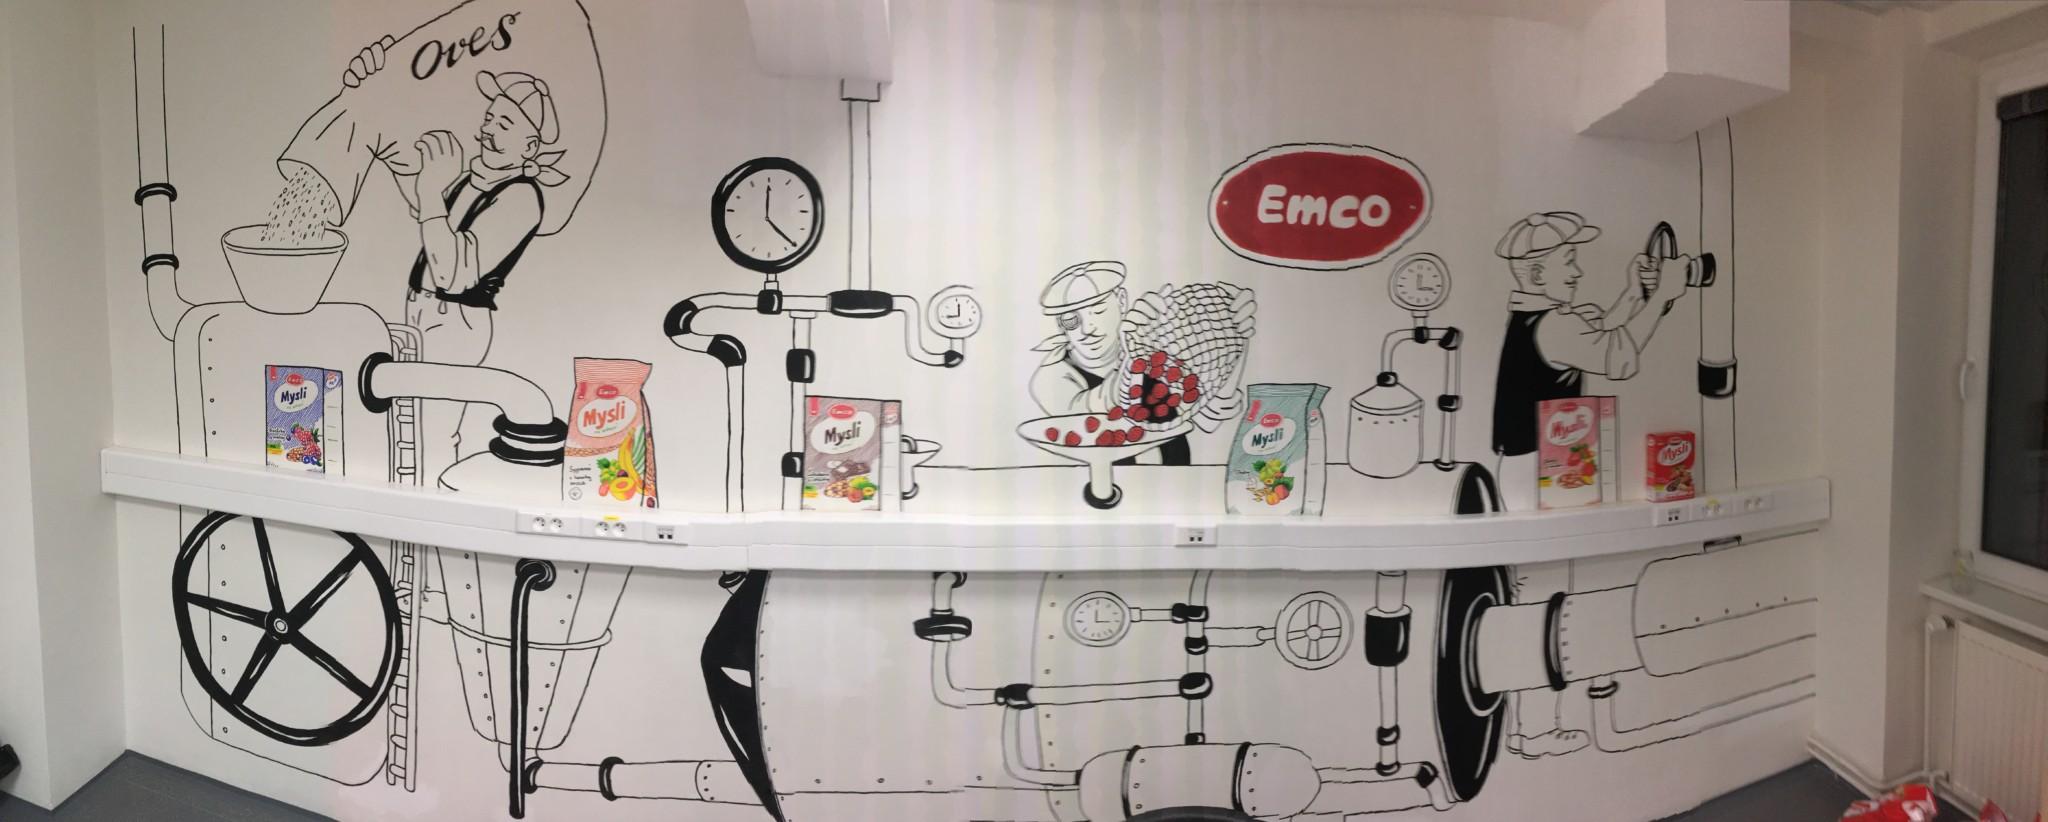 EMCO walldesign